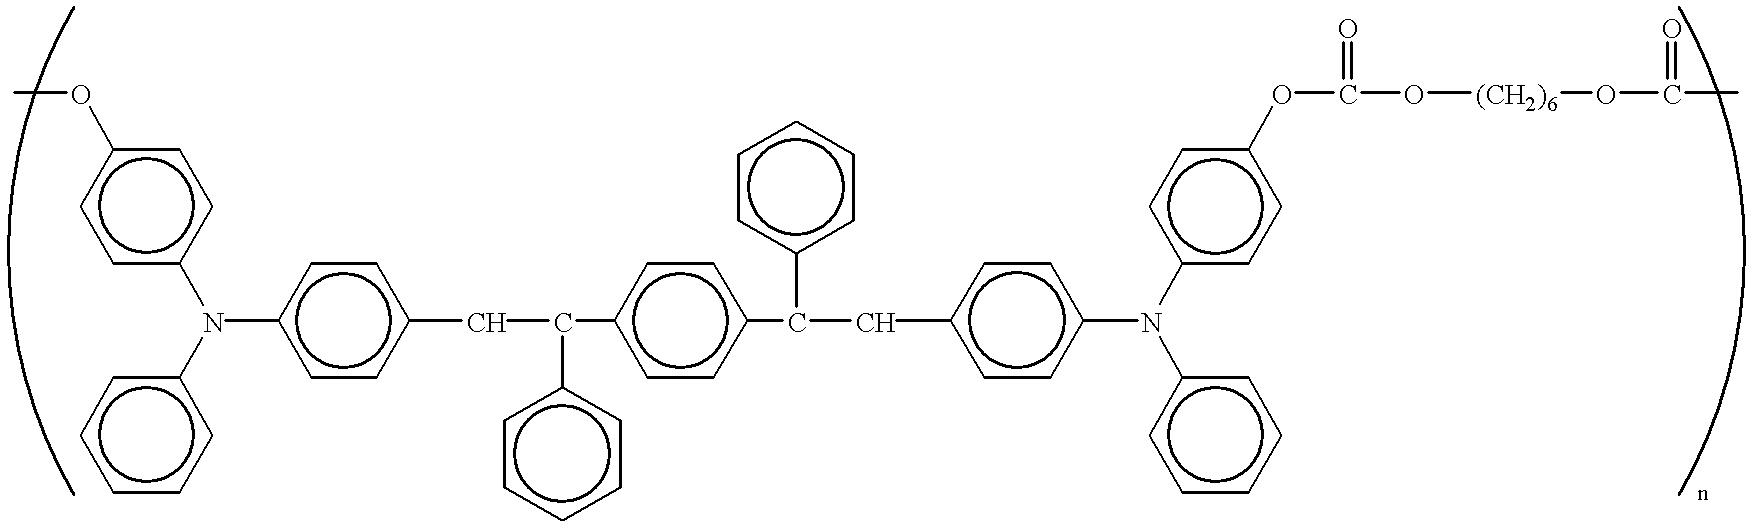 Figure US06558863-20030506-C00048